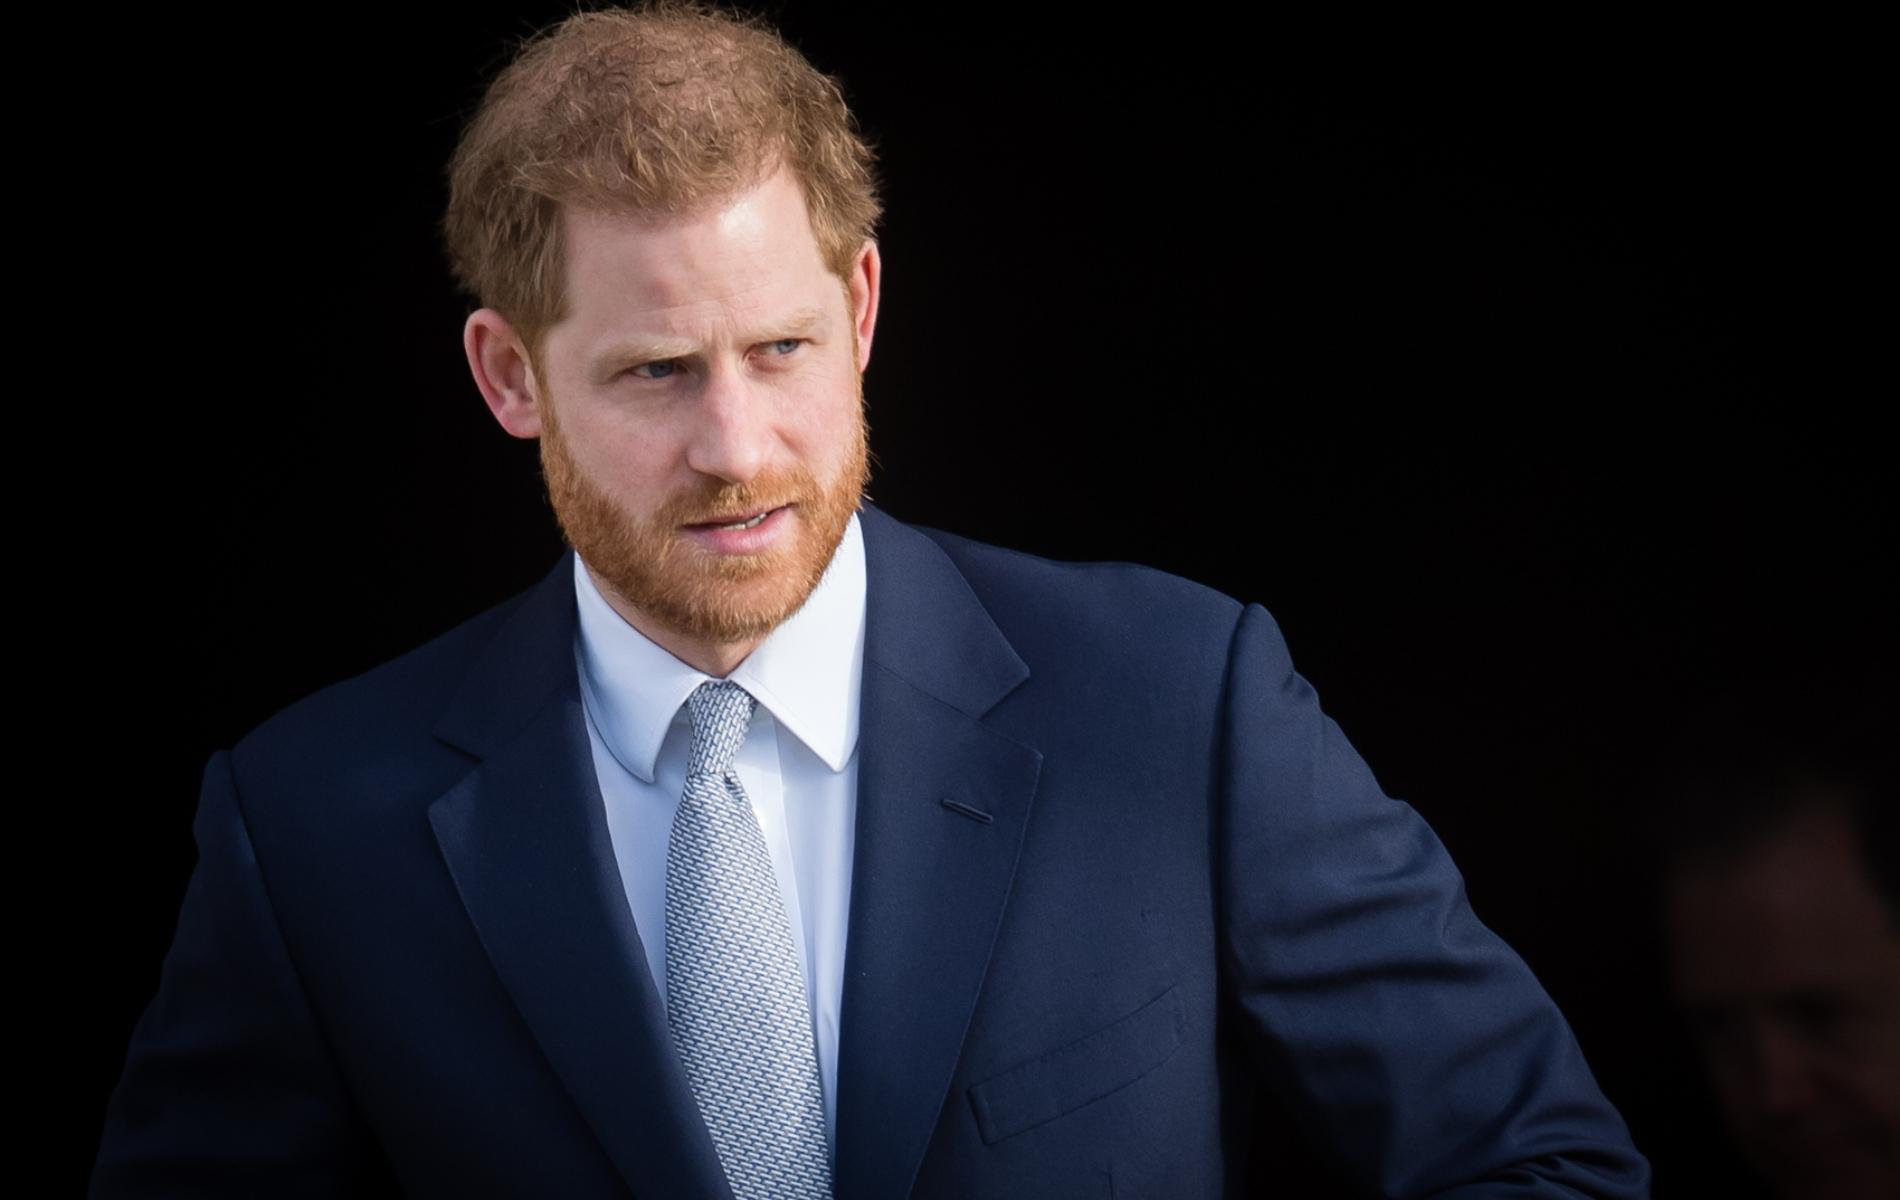 Une pétition signée par des dizaines de milliers d'Anglais prouve le désamour grandissant pour le prince Harry